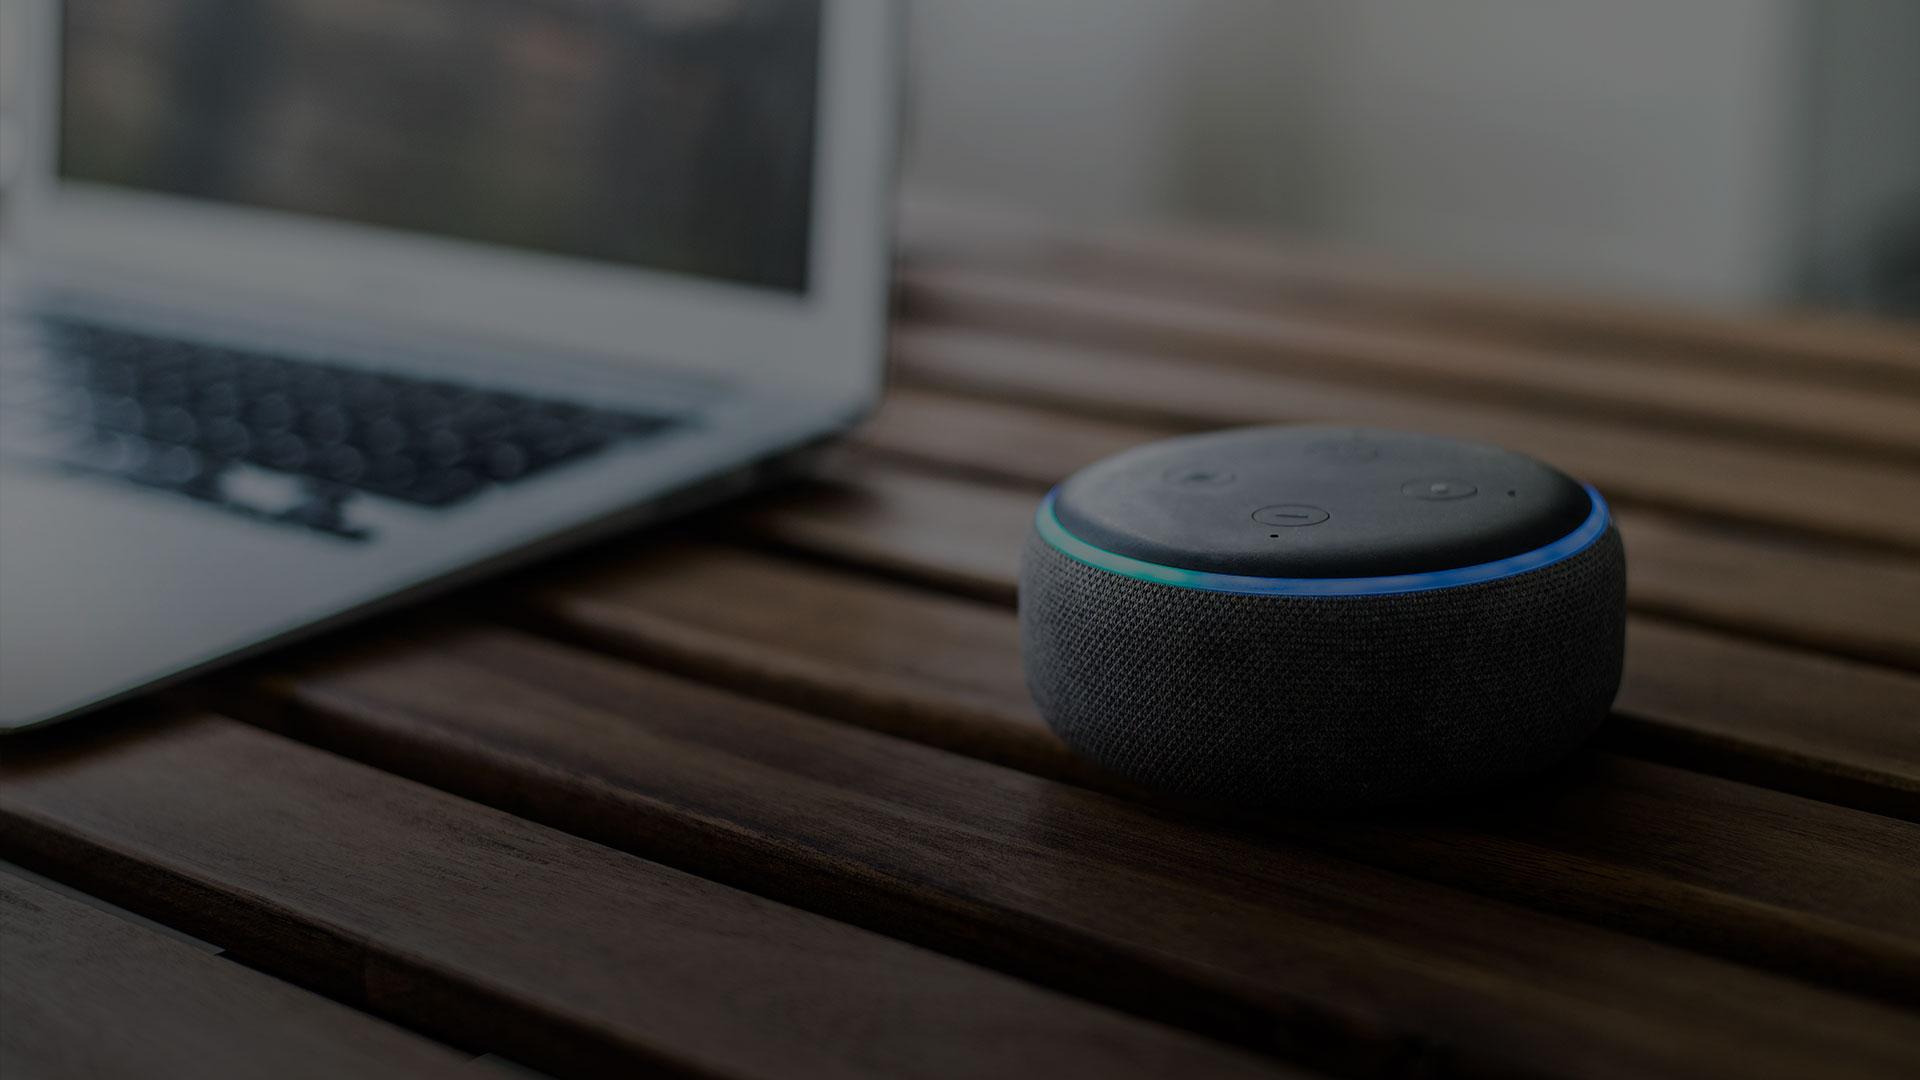 Desafio UOL testa conhecimentos do usuário sobre futebol com inteligência artificial da Alexa